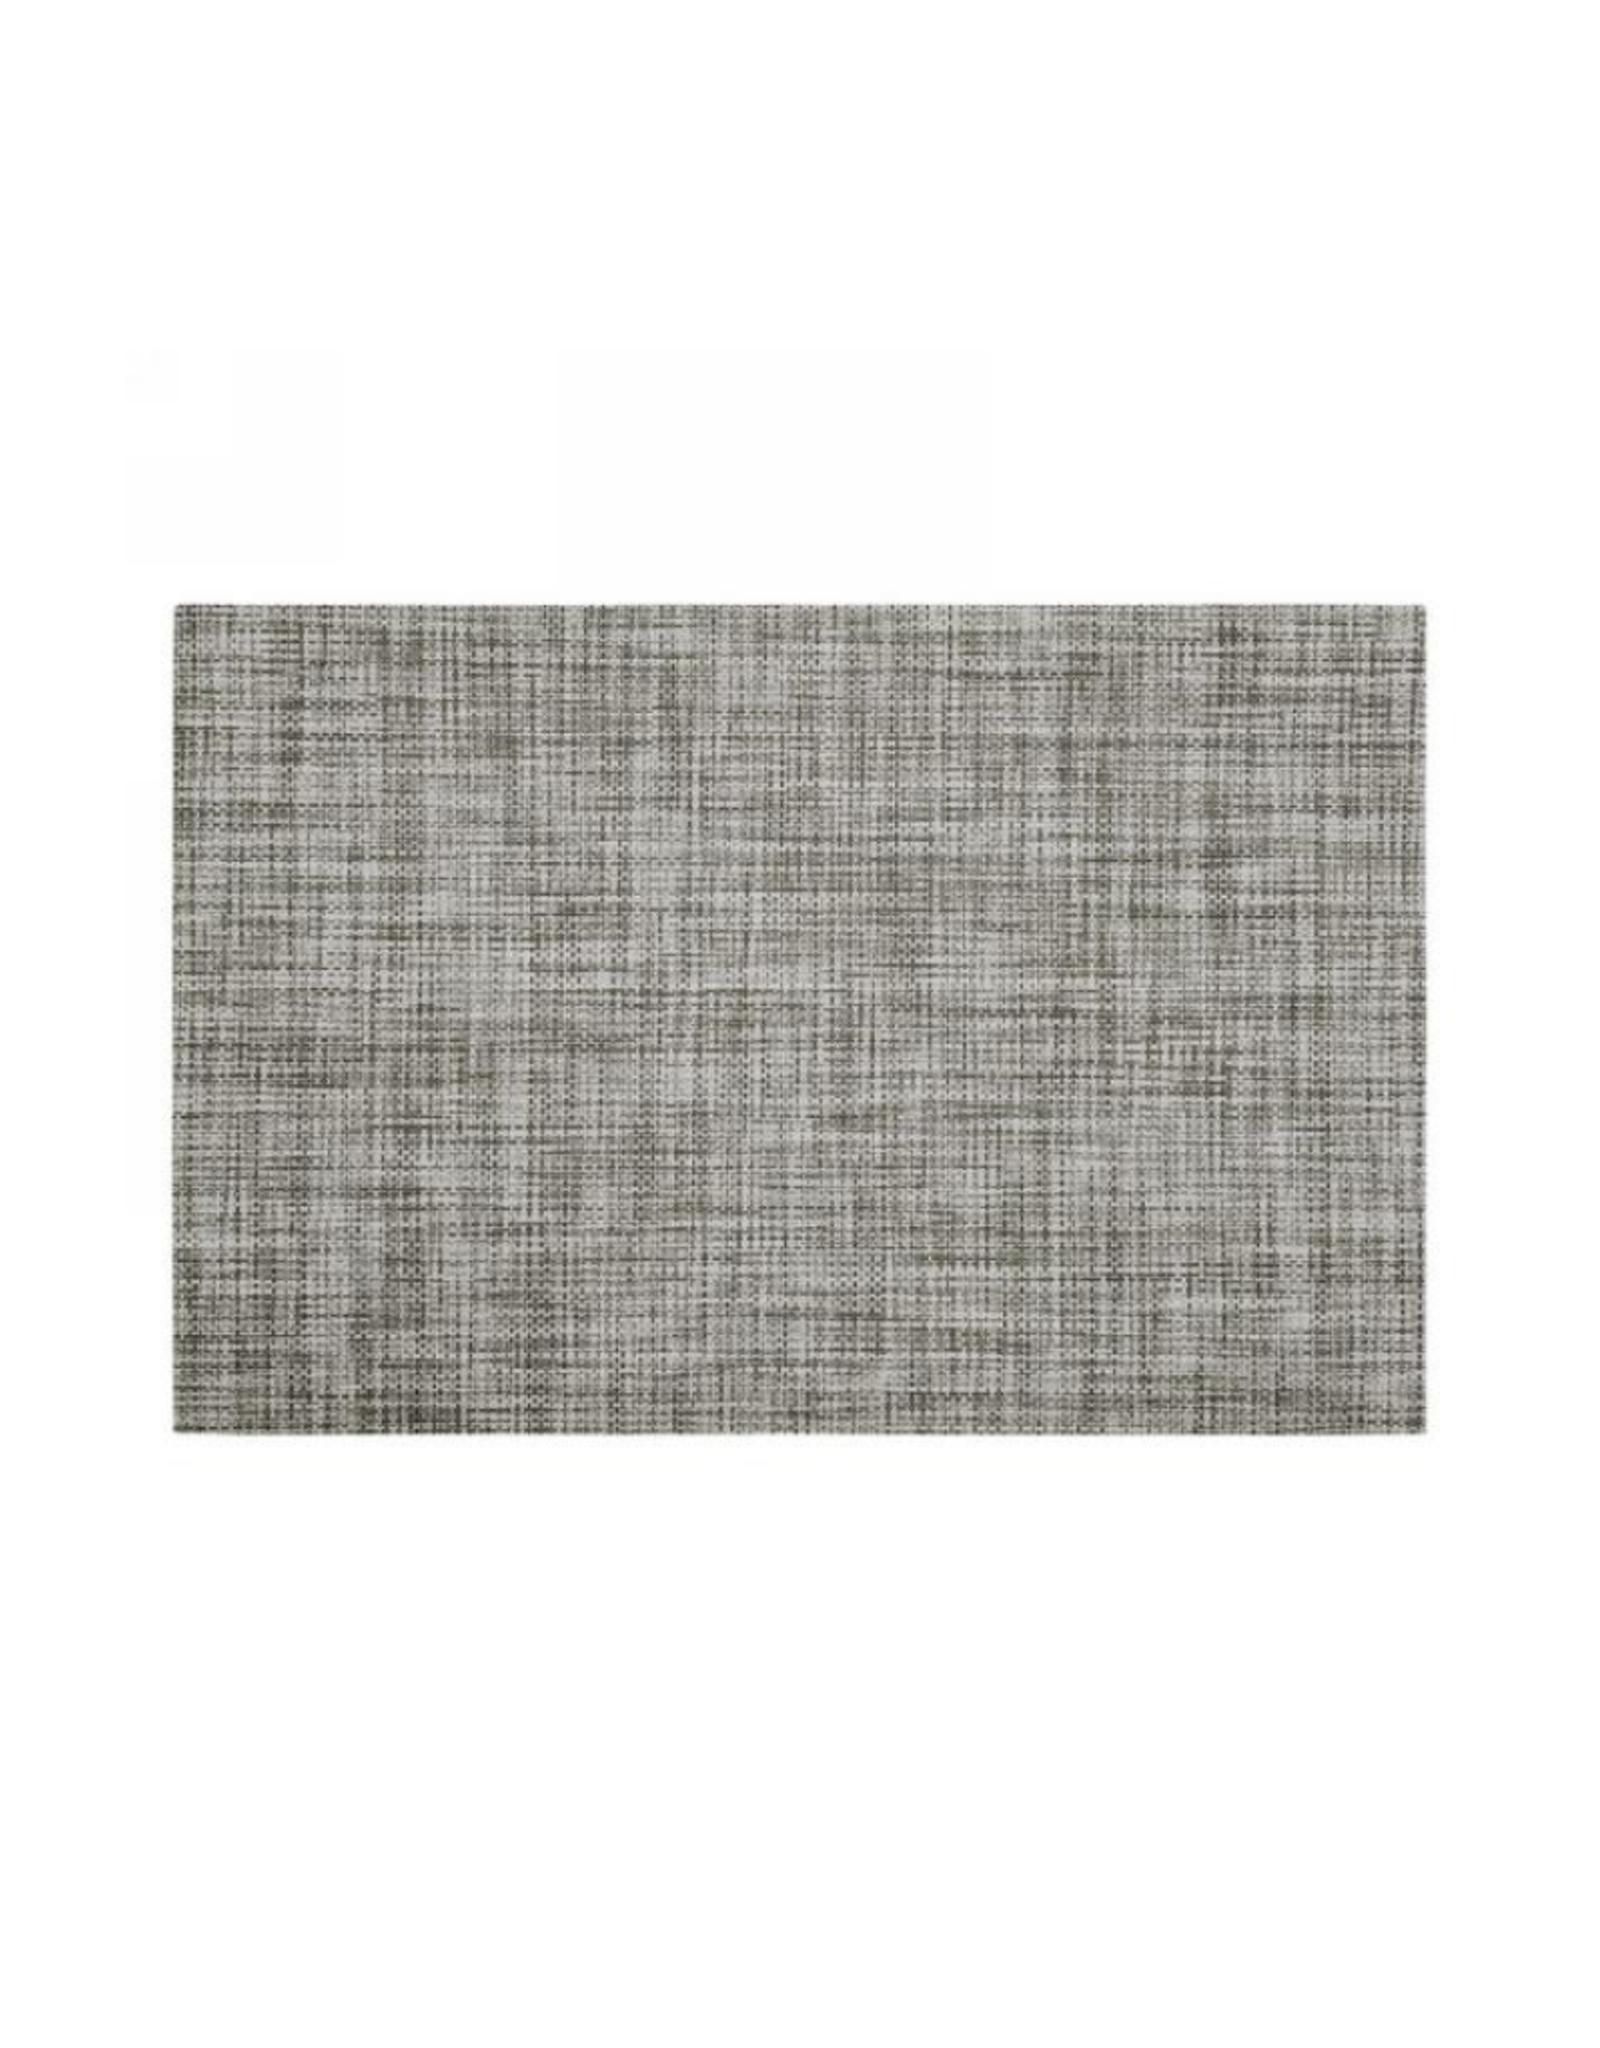 Napperon teintes de gris